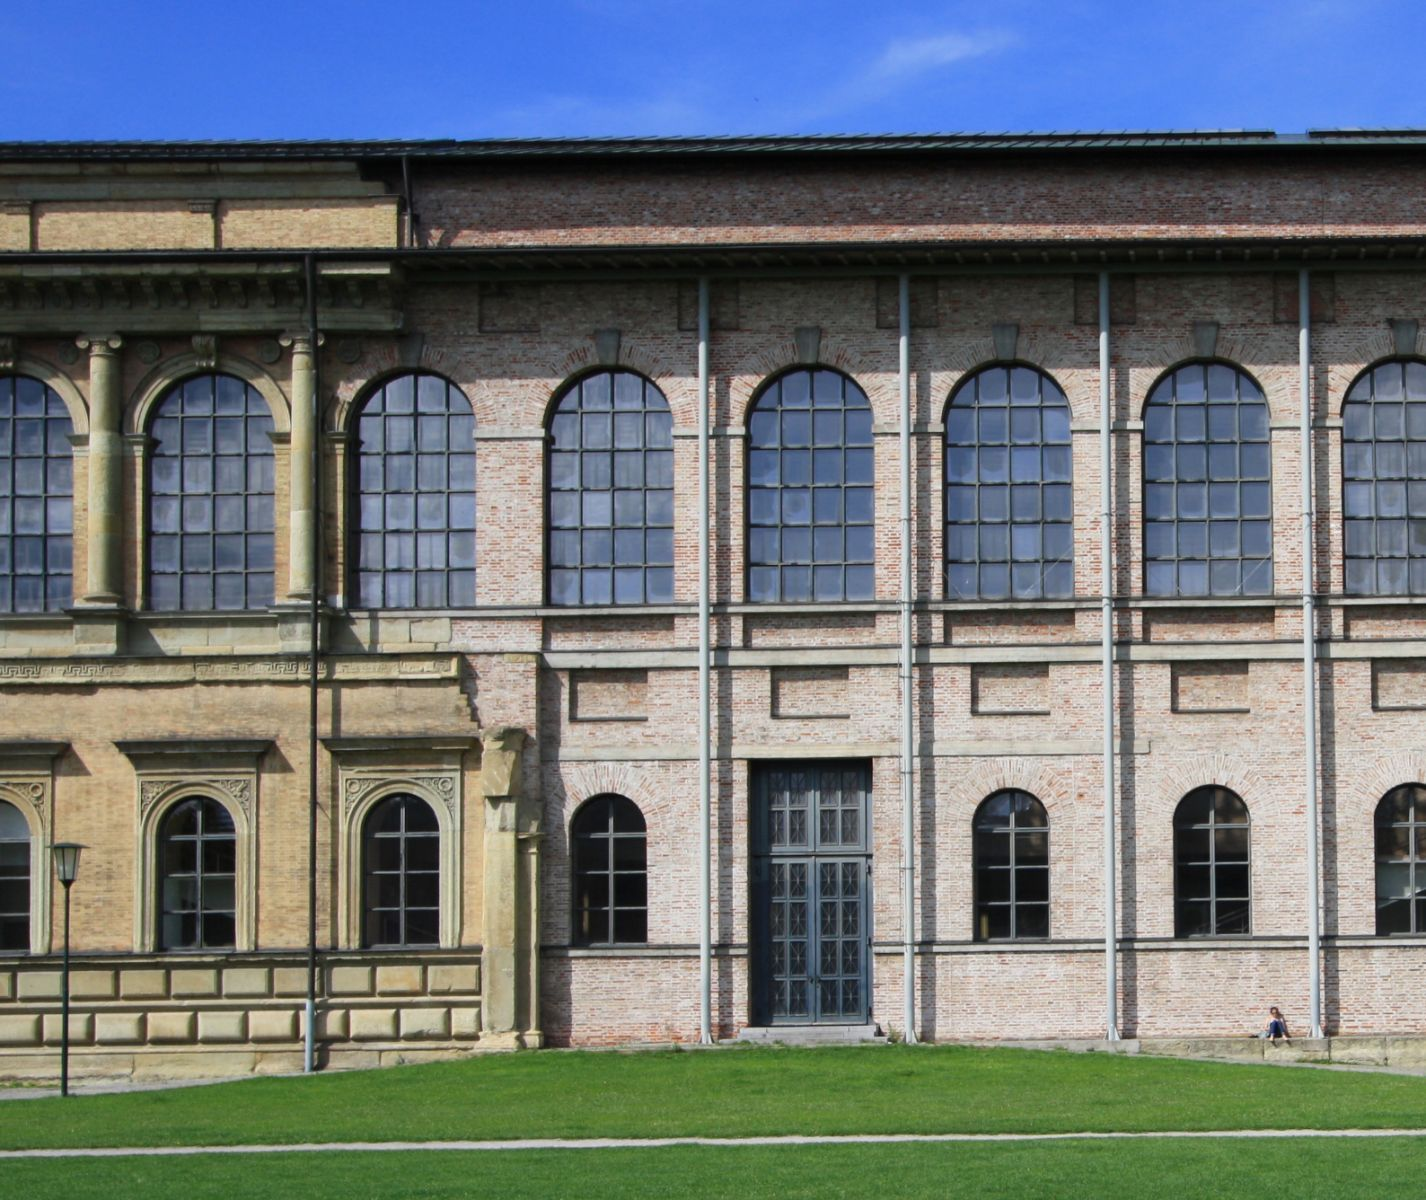 Leo Von Klenze Hans Dollgast Alte Pinakothek Munchen Munchen